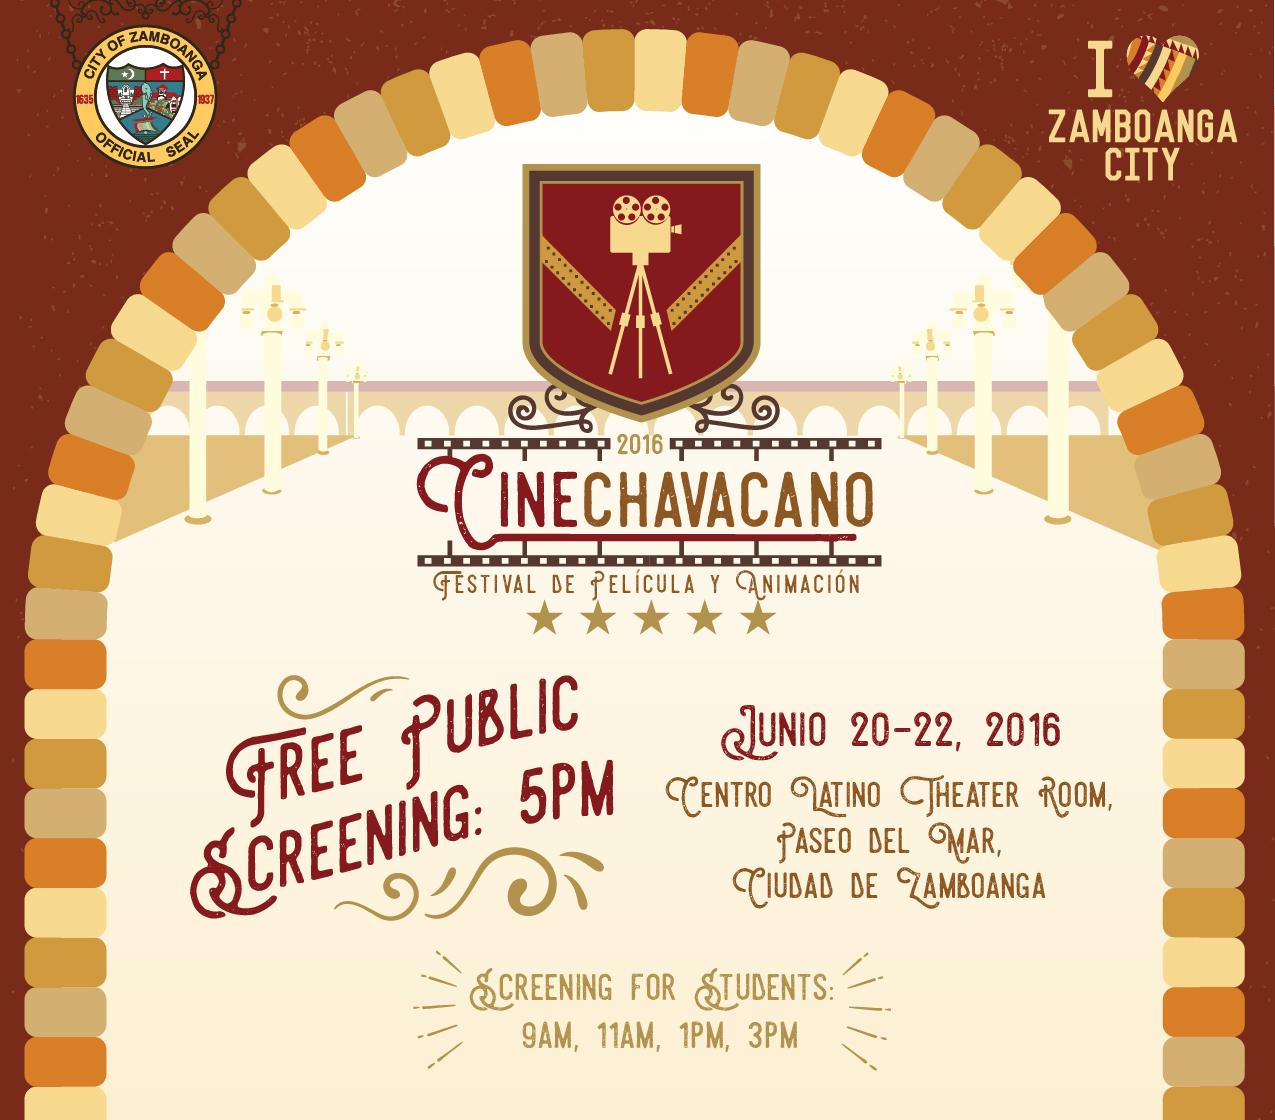 2016 CineChavacano Festival de Película y Animación - csz97 Blog Folio